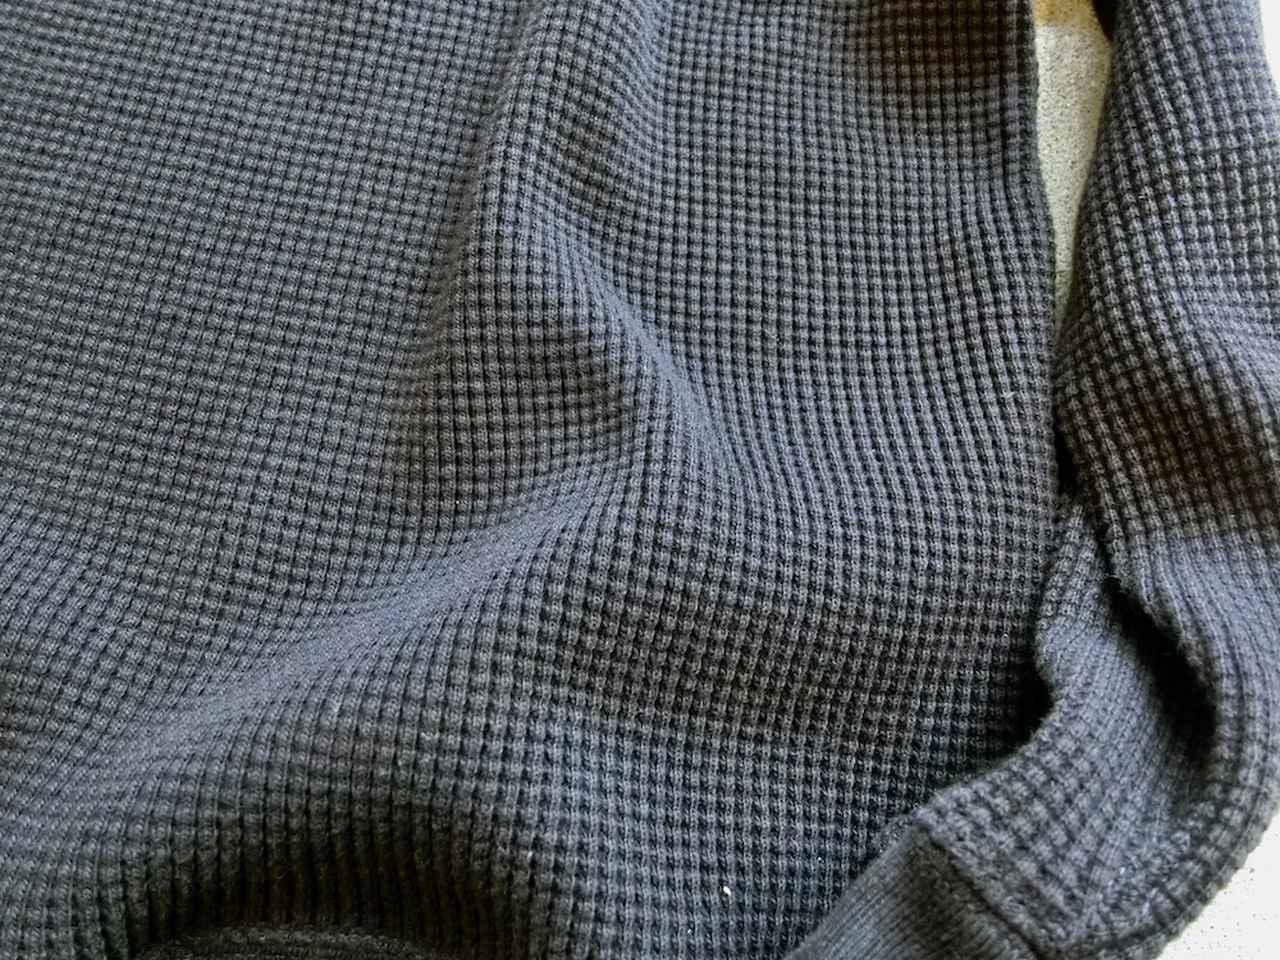 画像: 肉厚で暖かなスーパーヘビーワッフルの生地。2011年の誕生以来、秋冬の定番素材に。